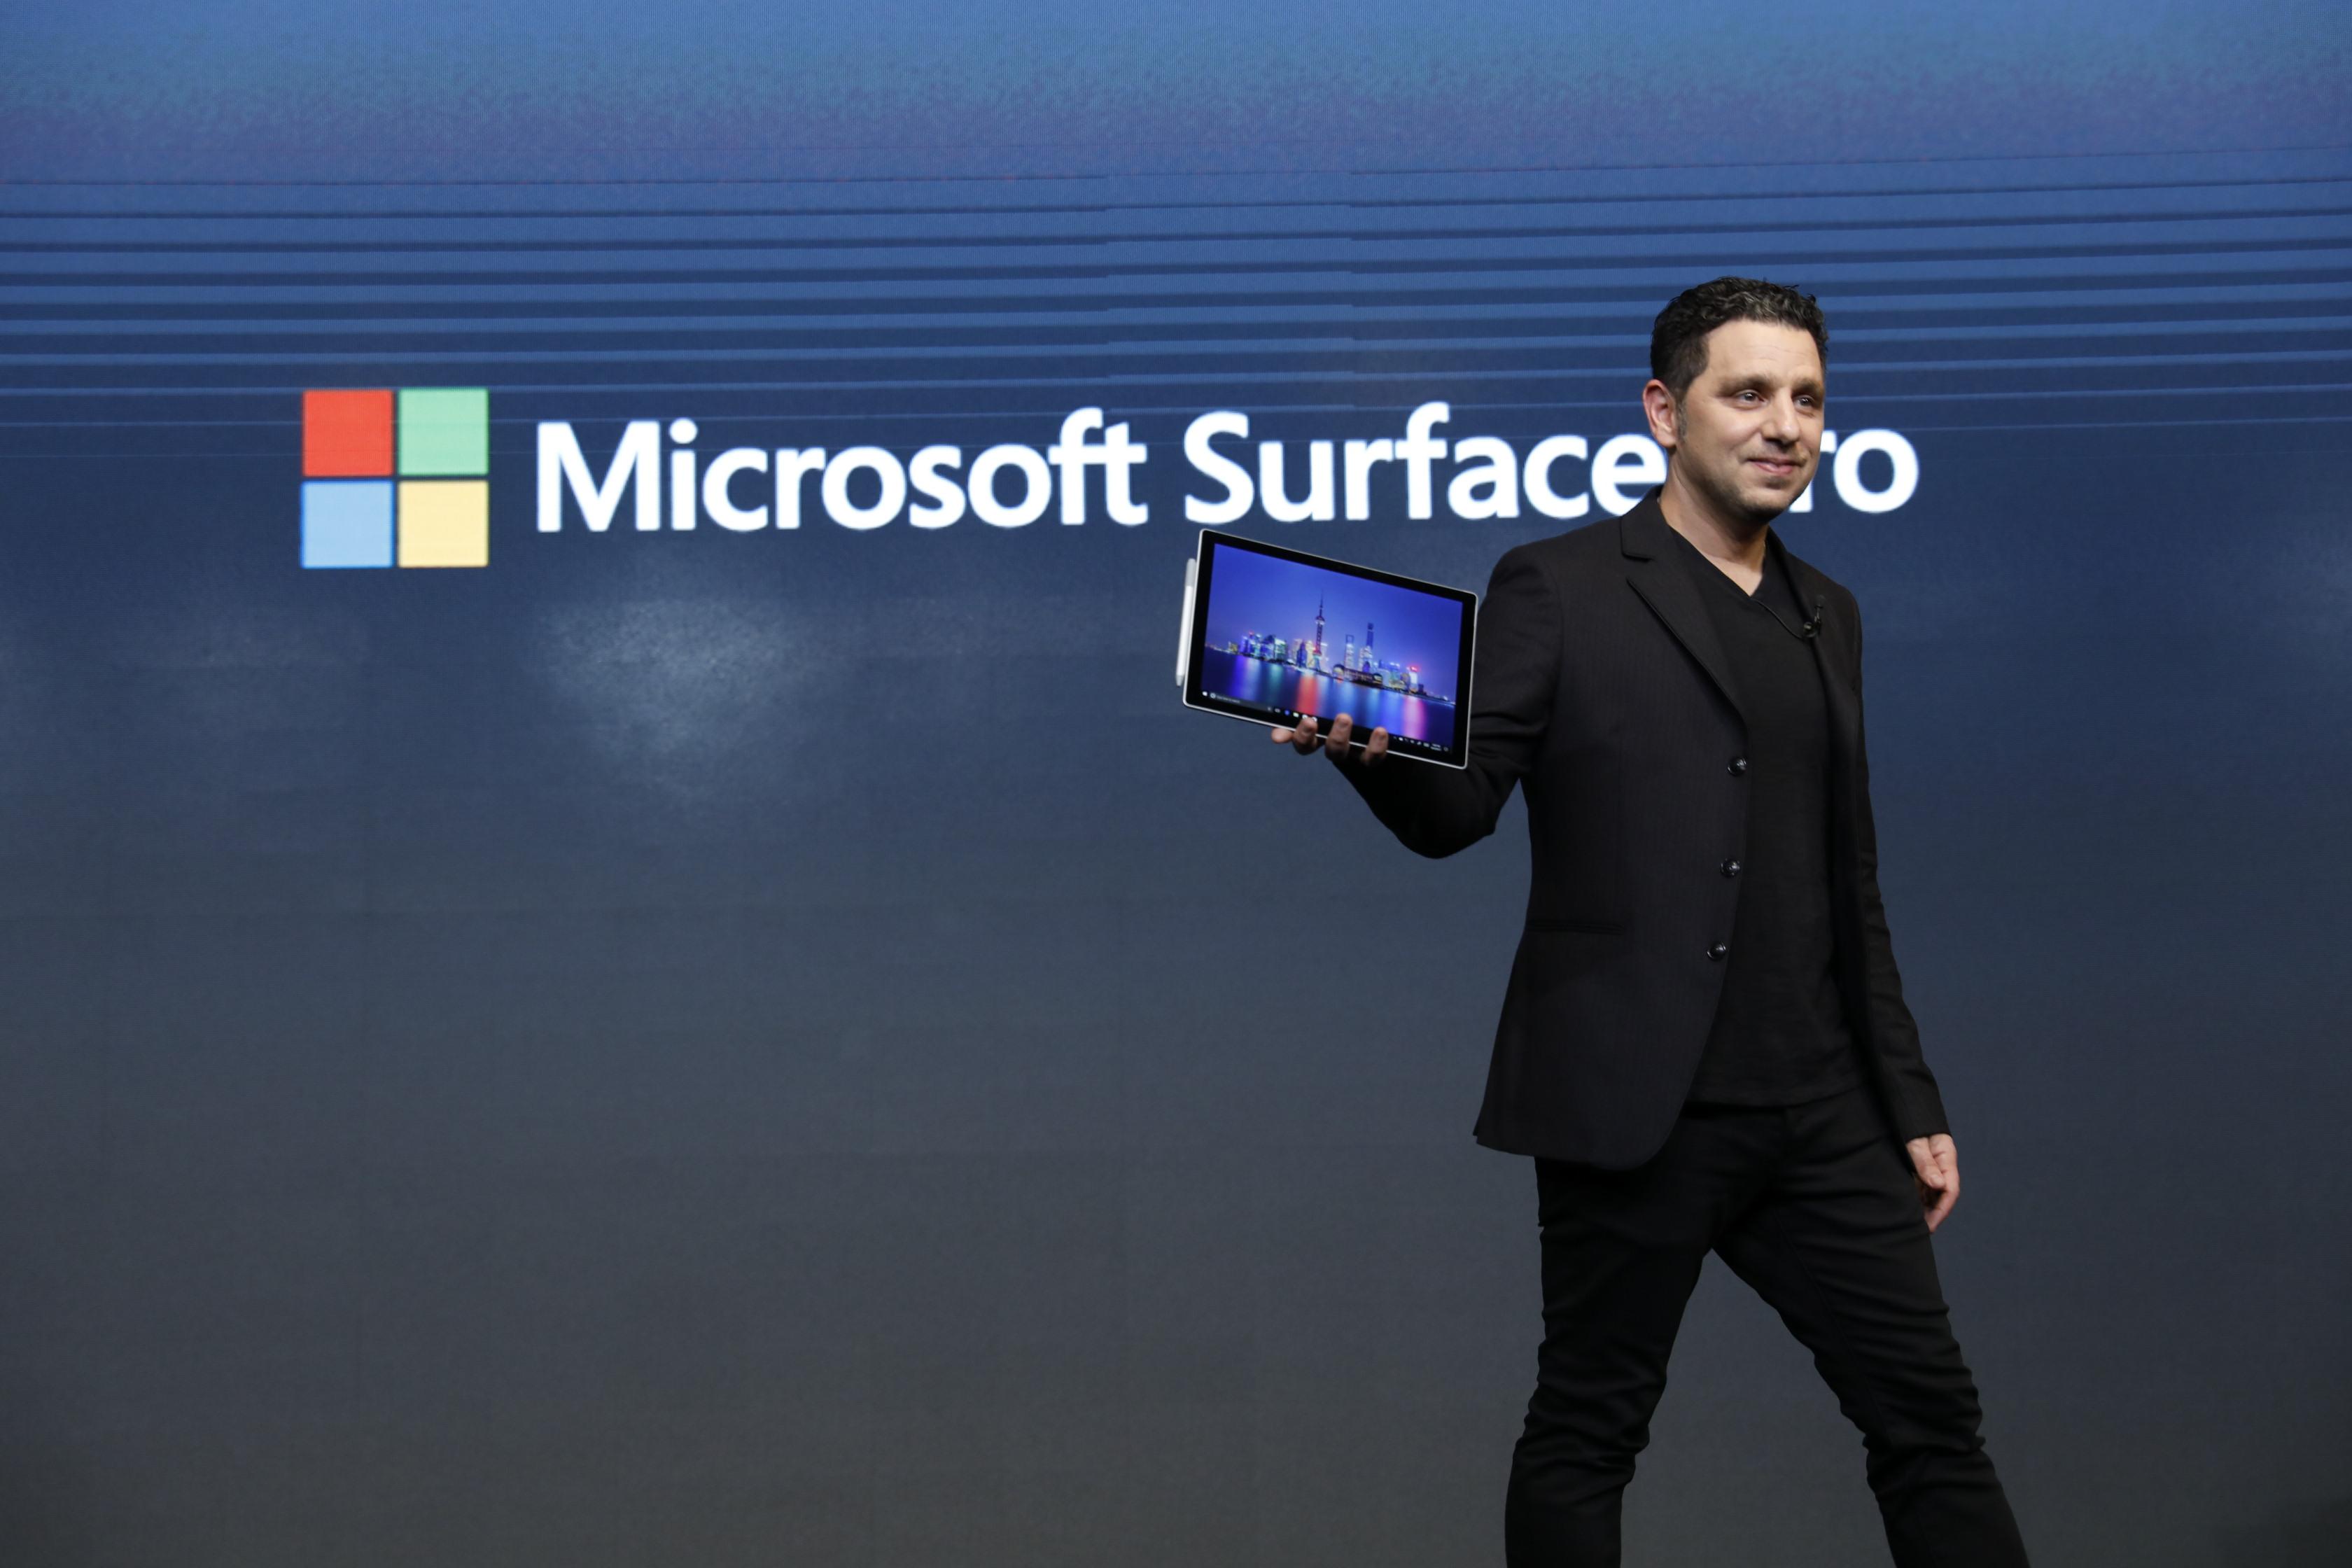 Mercado chinês ganha enxurrada de produtos e serviços Microsoft e o